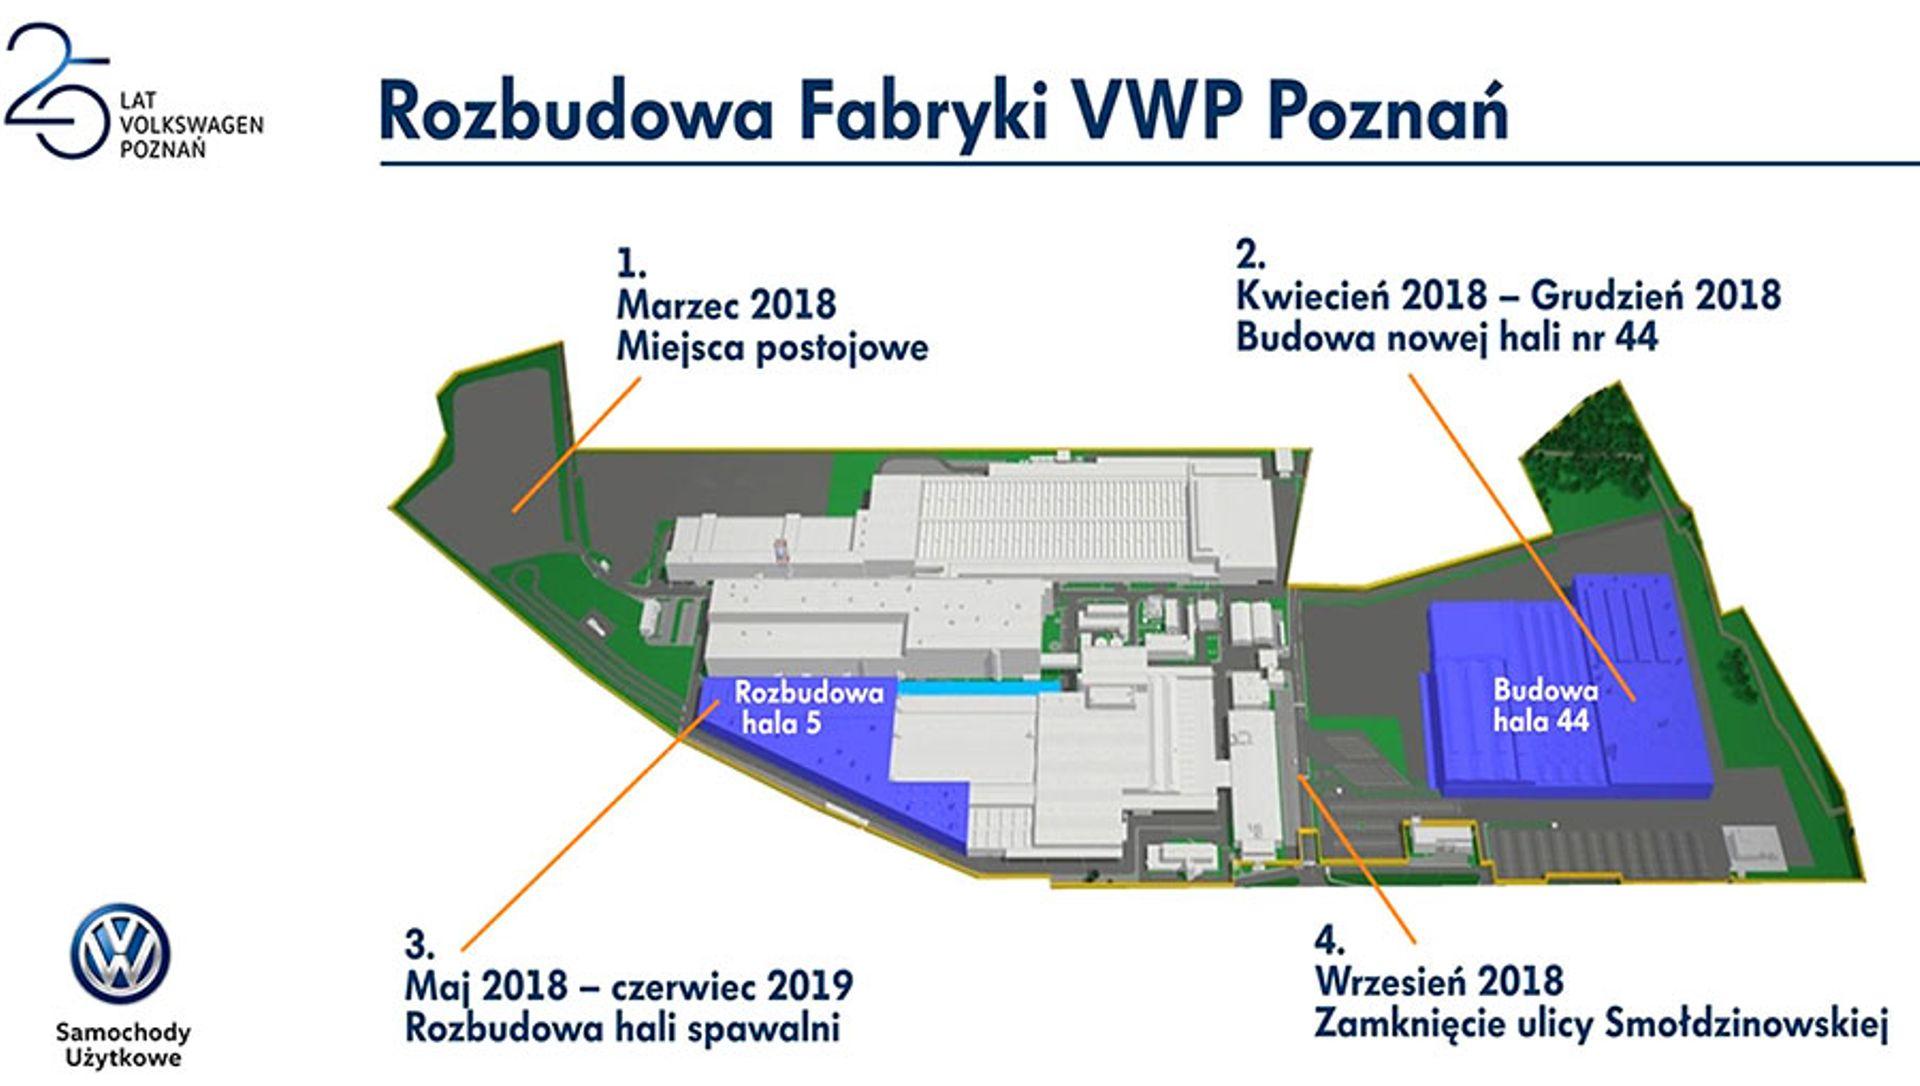 Volkswagen rozbudował za 2 miliardy złotych fabrykę w Poznaniu